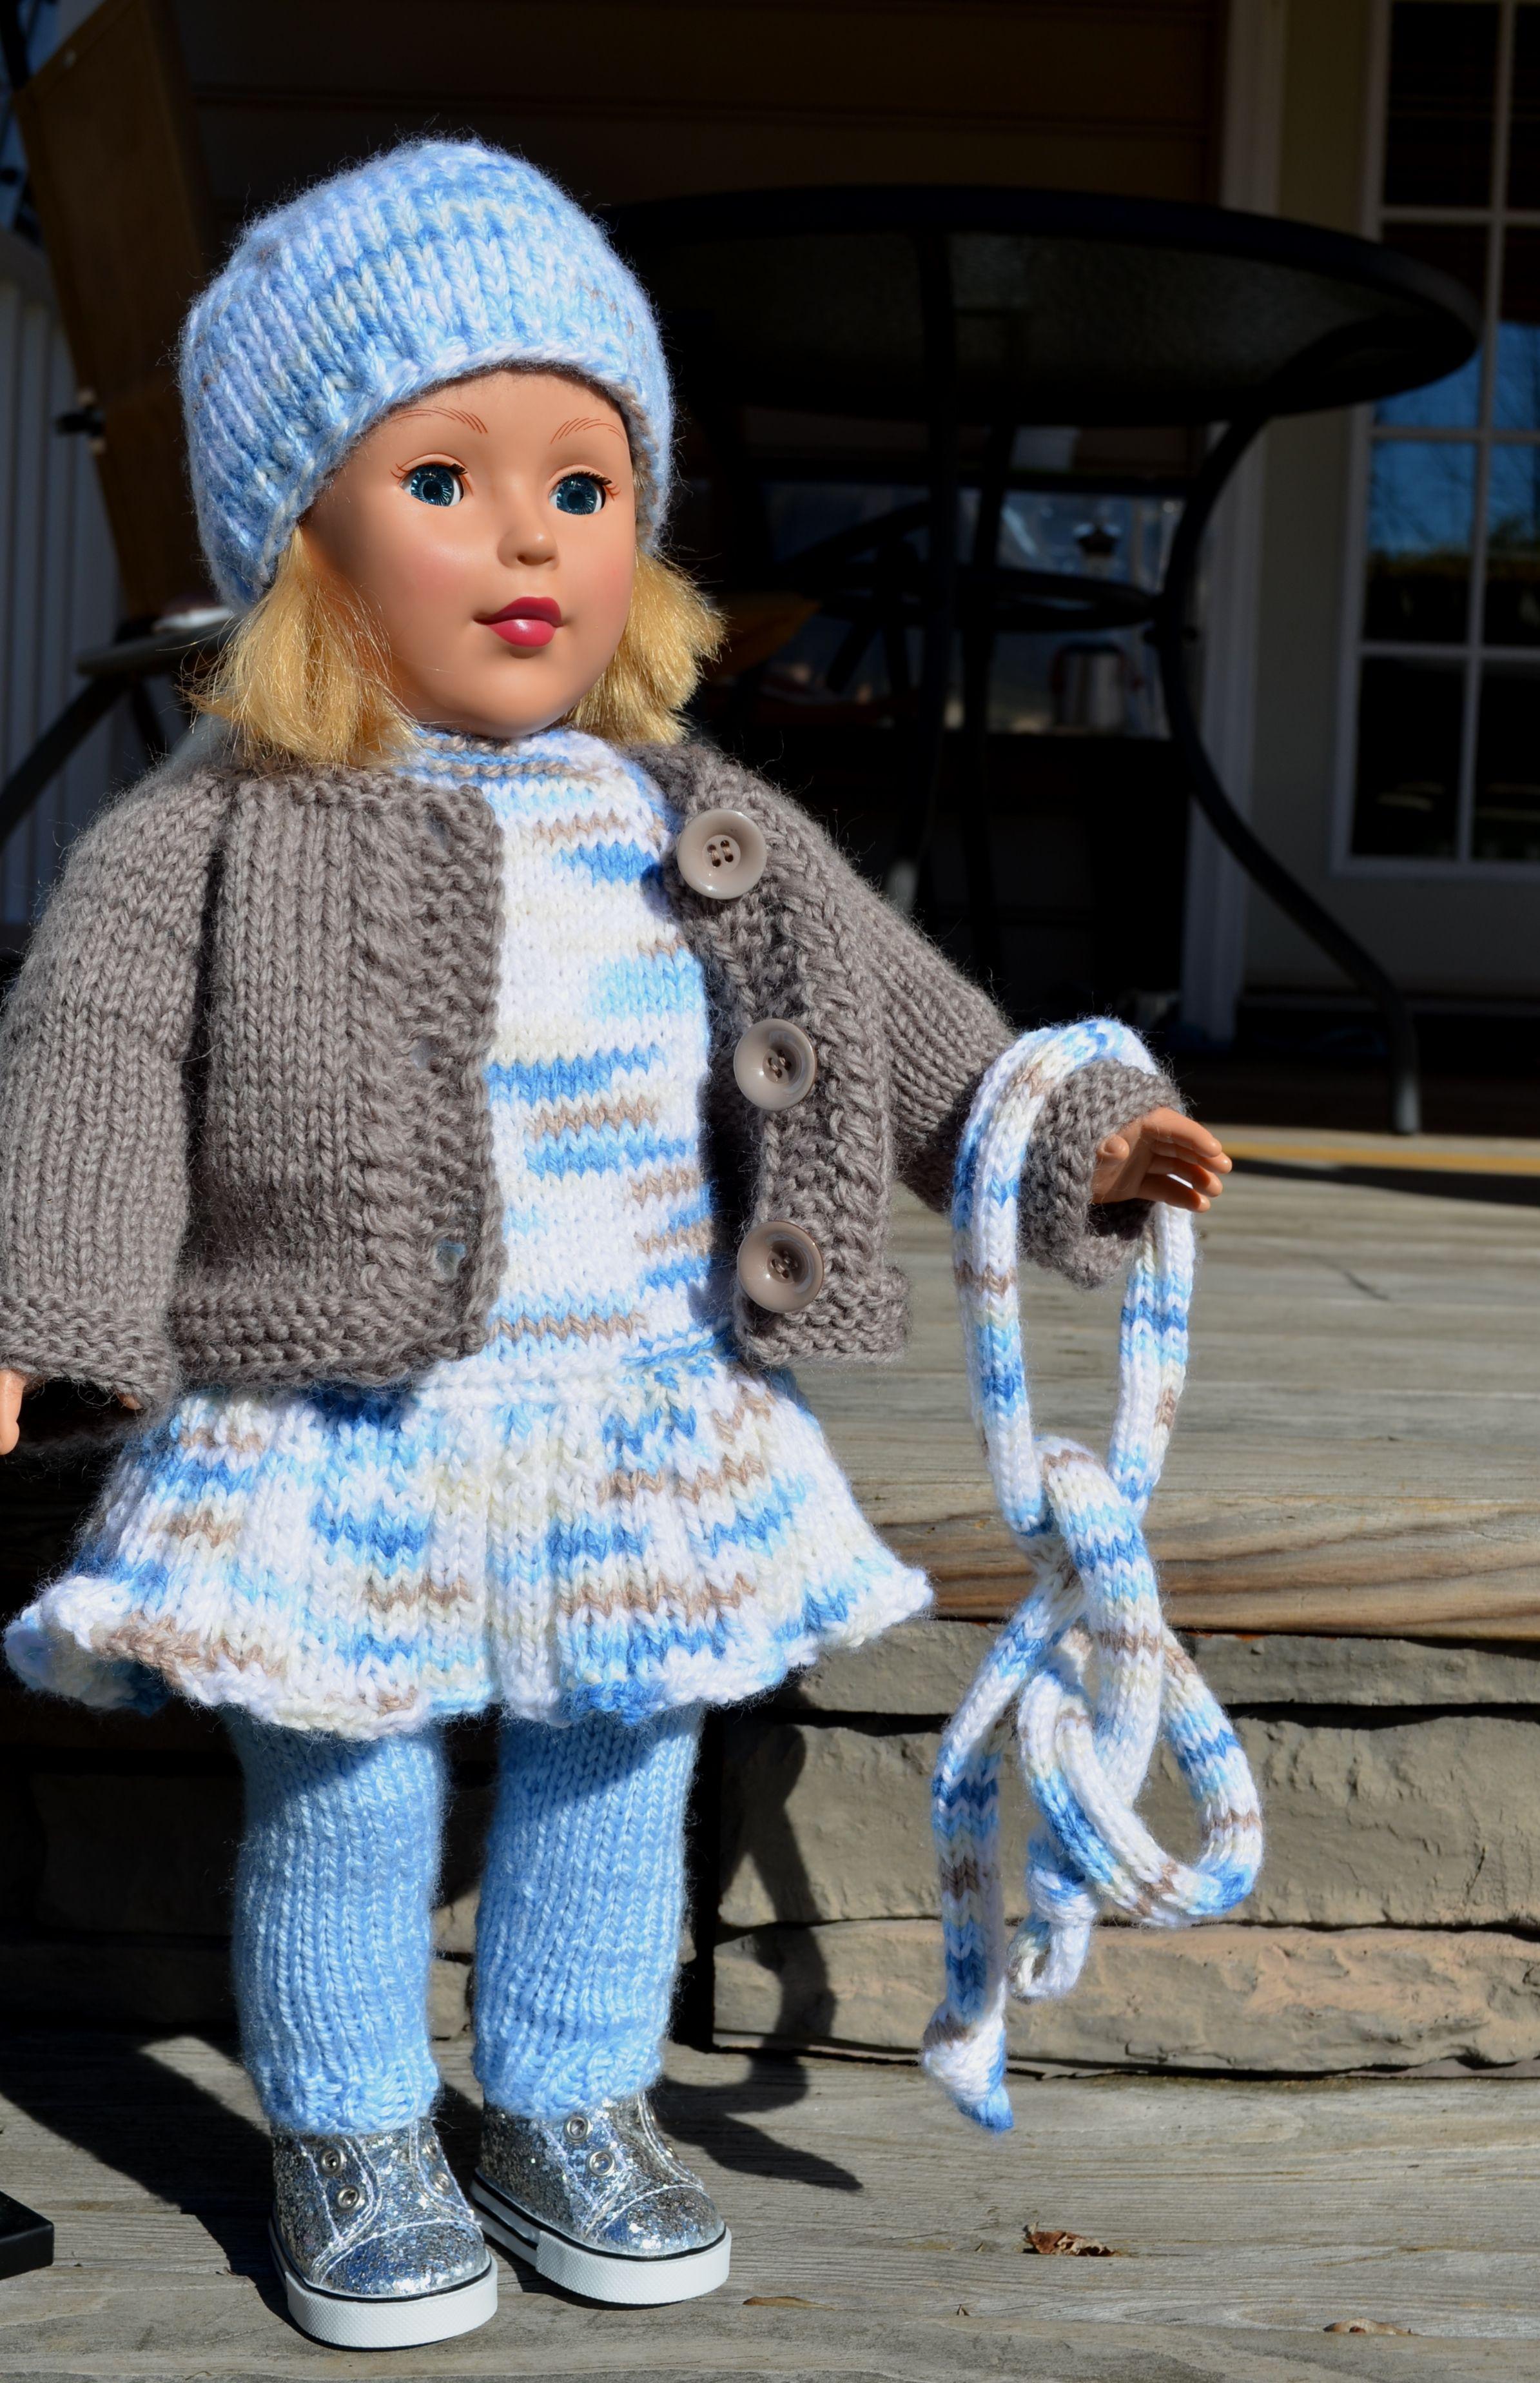 Pin von Olga Gillespie auf Dolls clothes and shoes | Pinterest